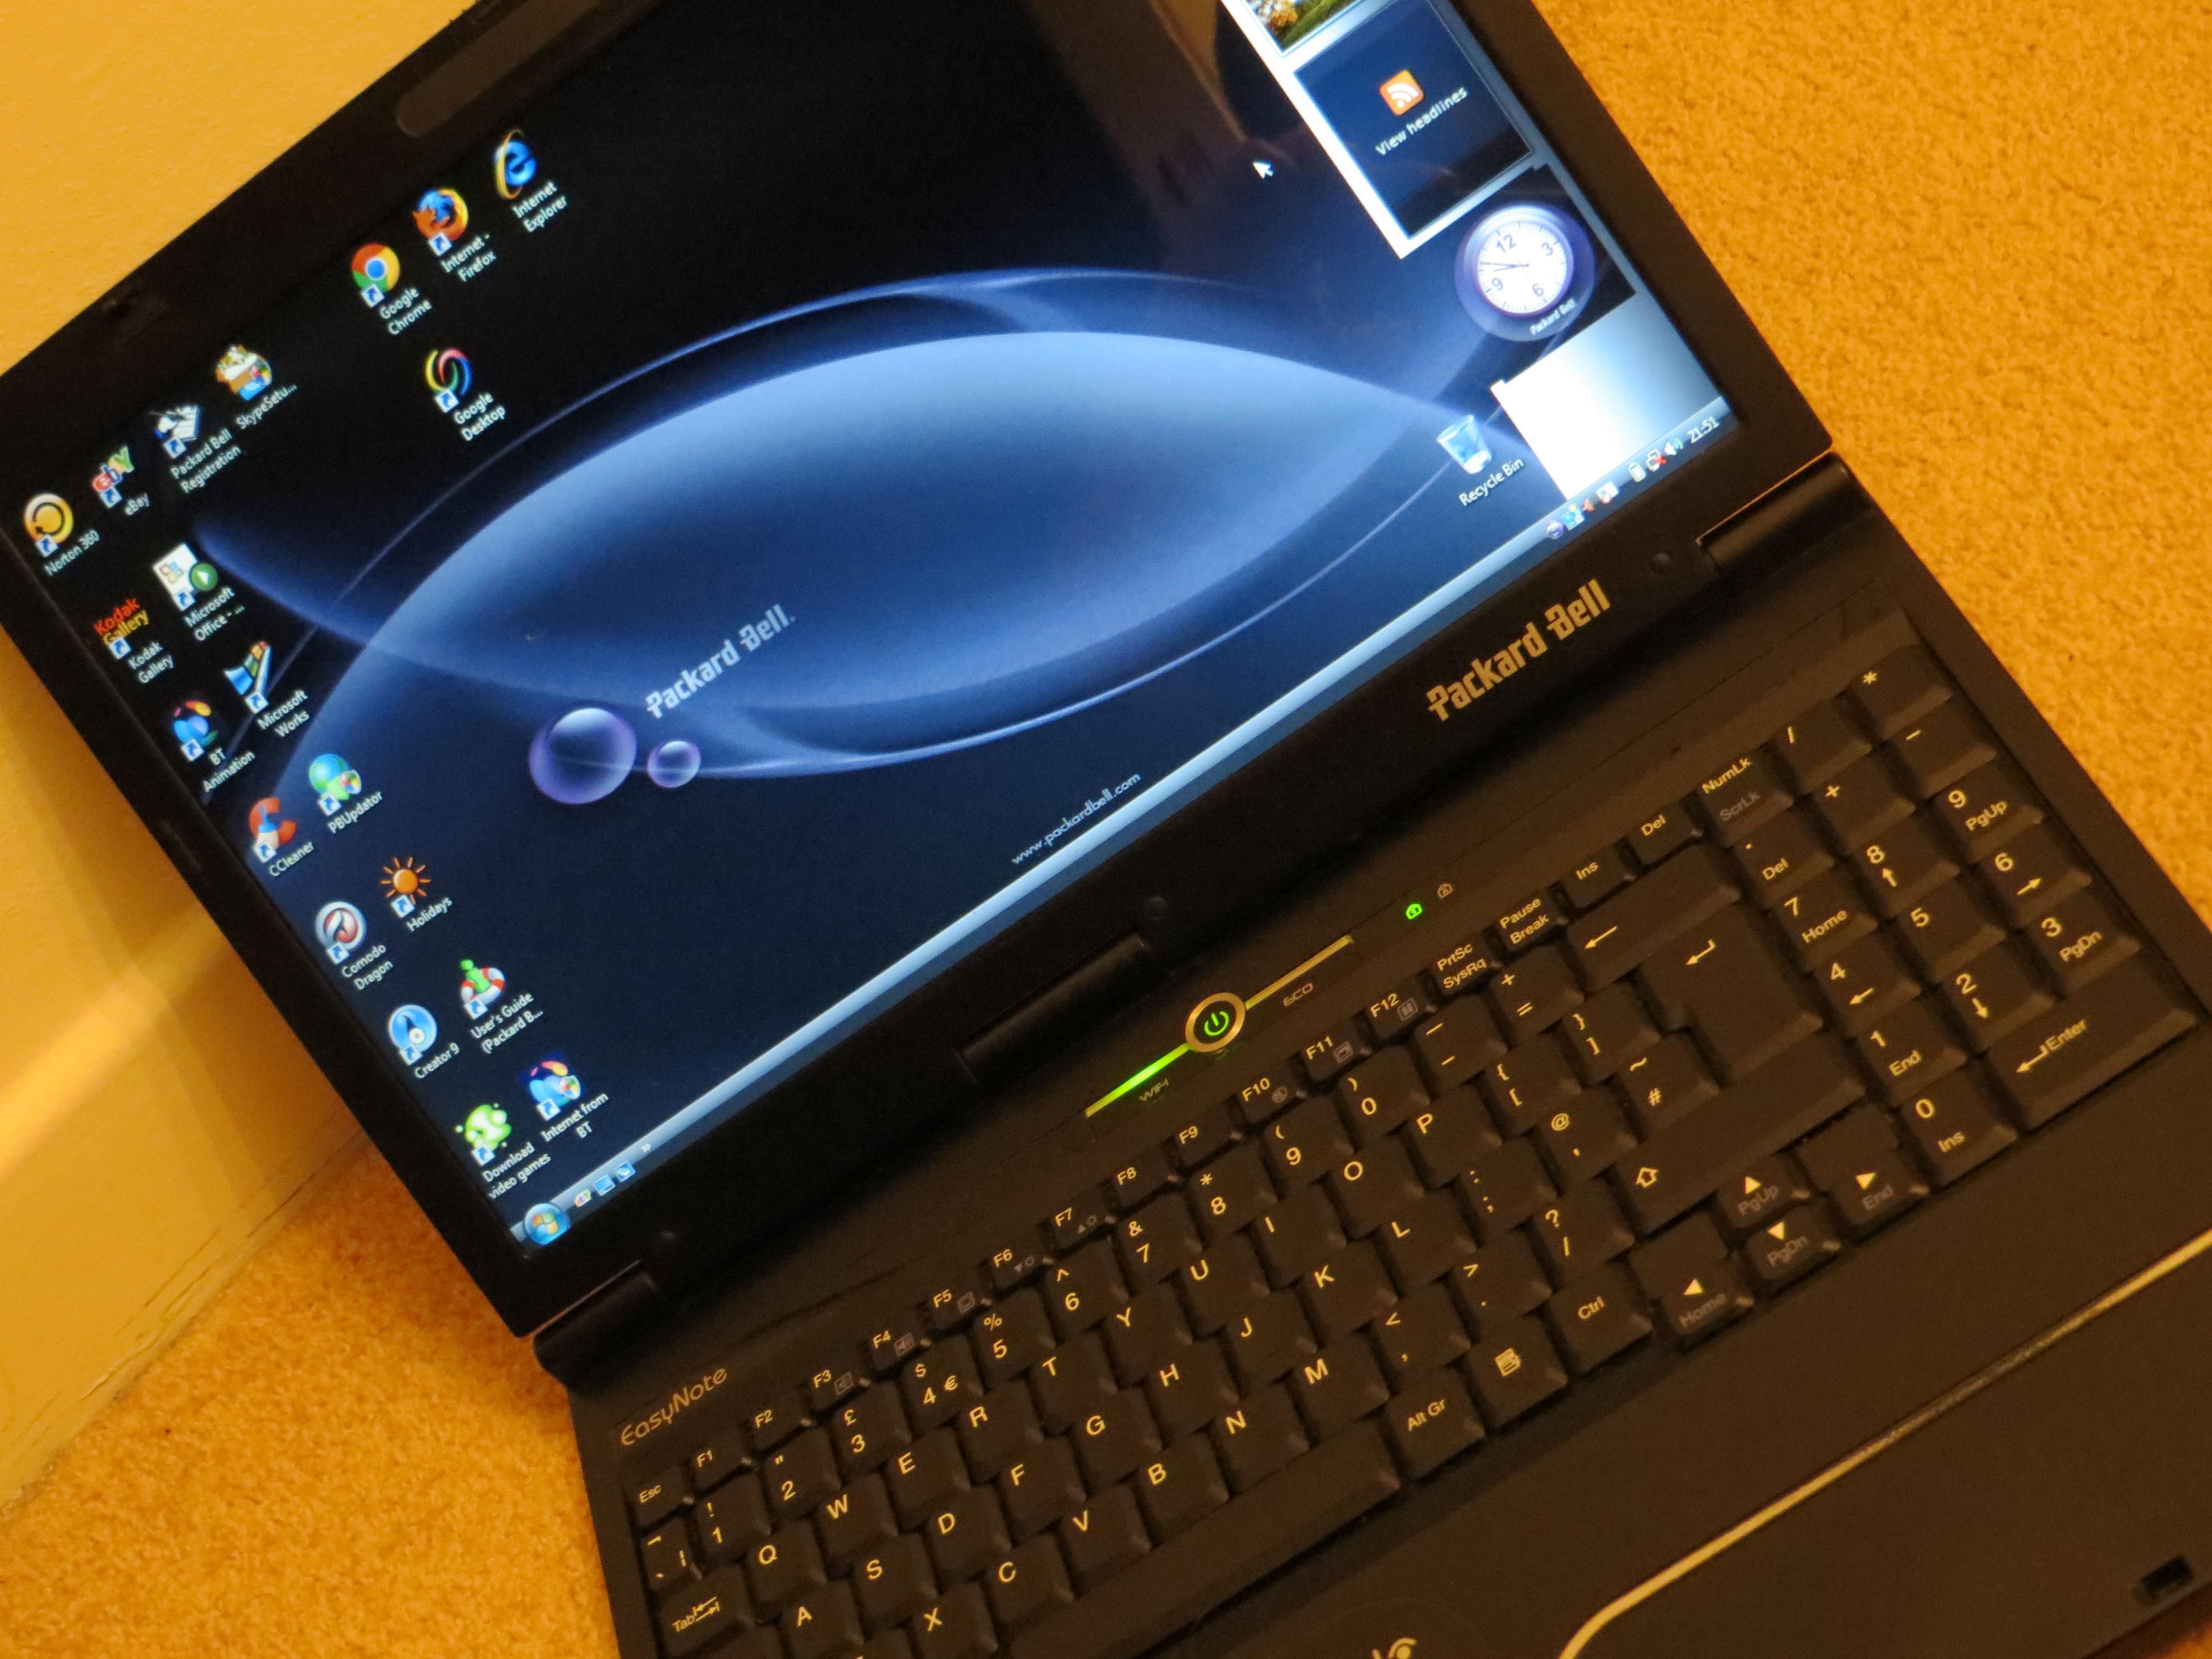 [Sprzedam] Sprzedam laptop ASUS X58C